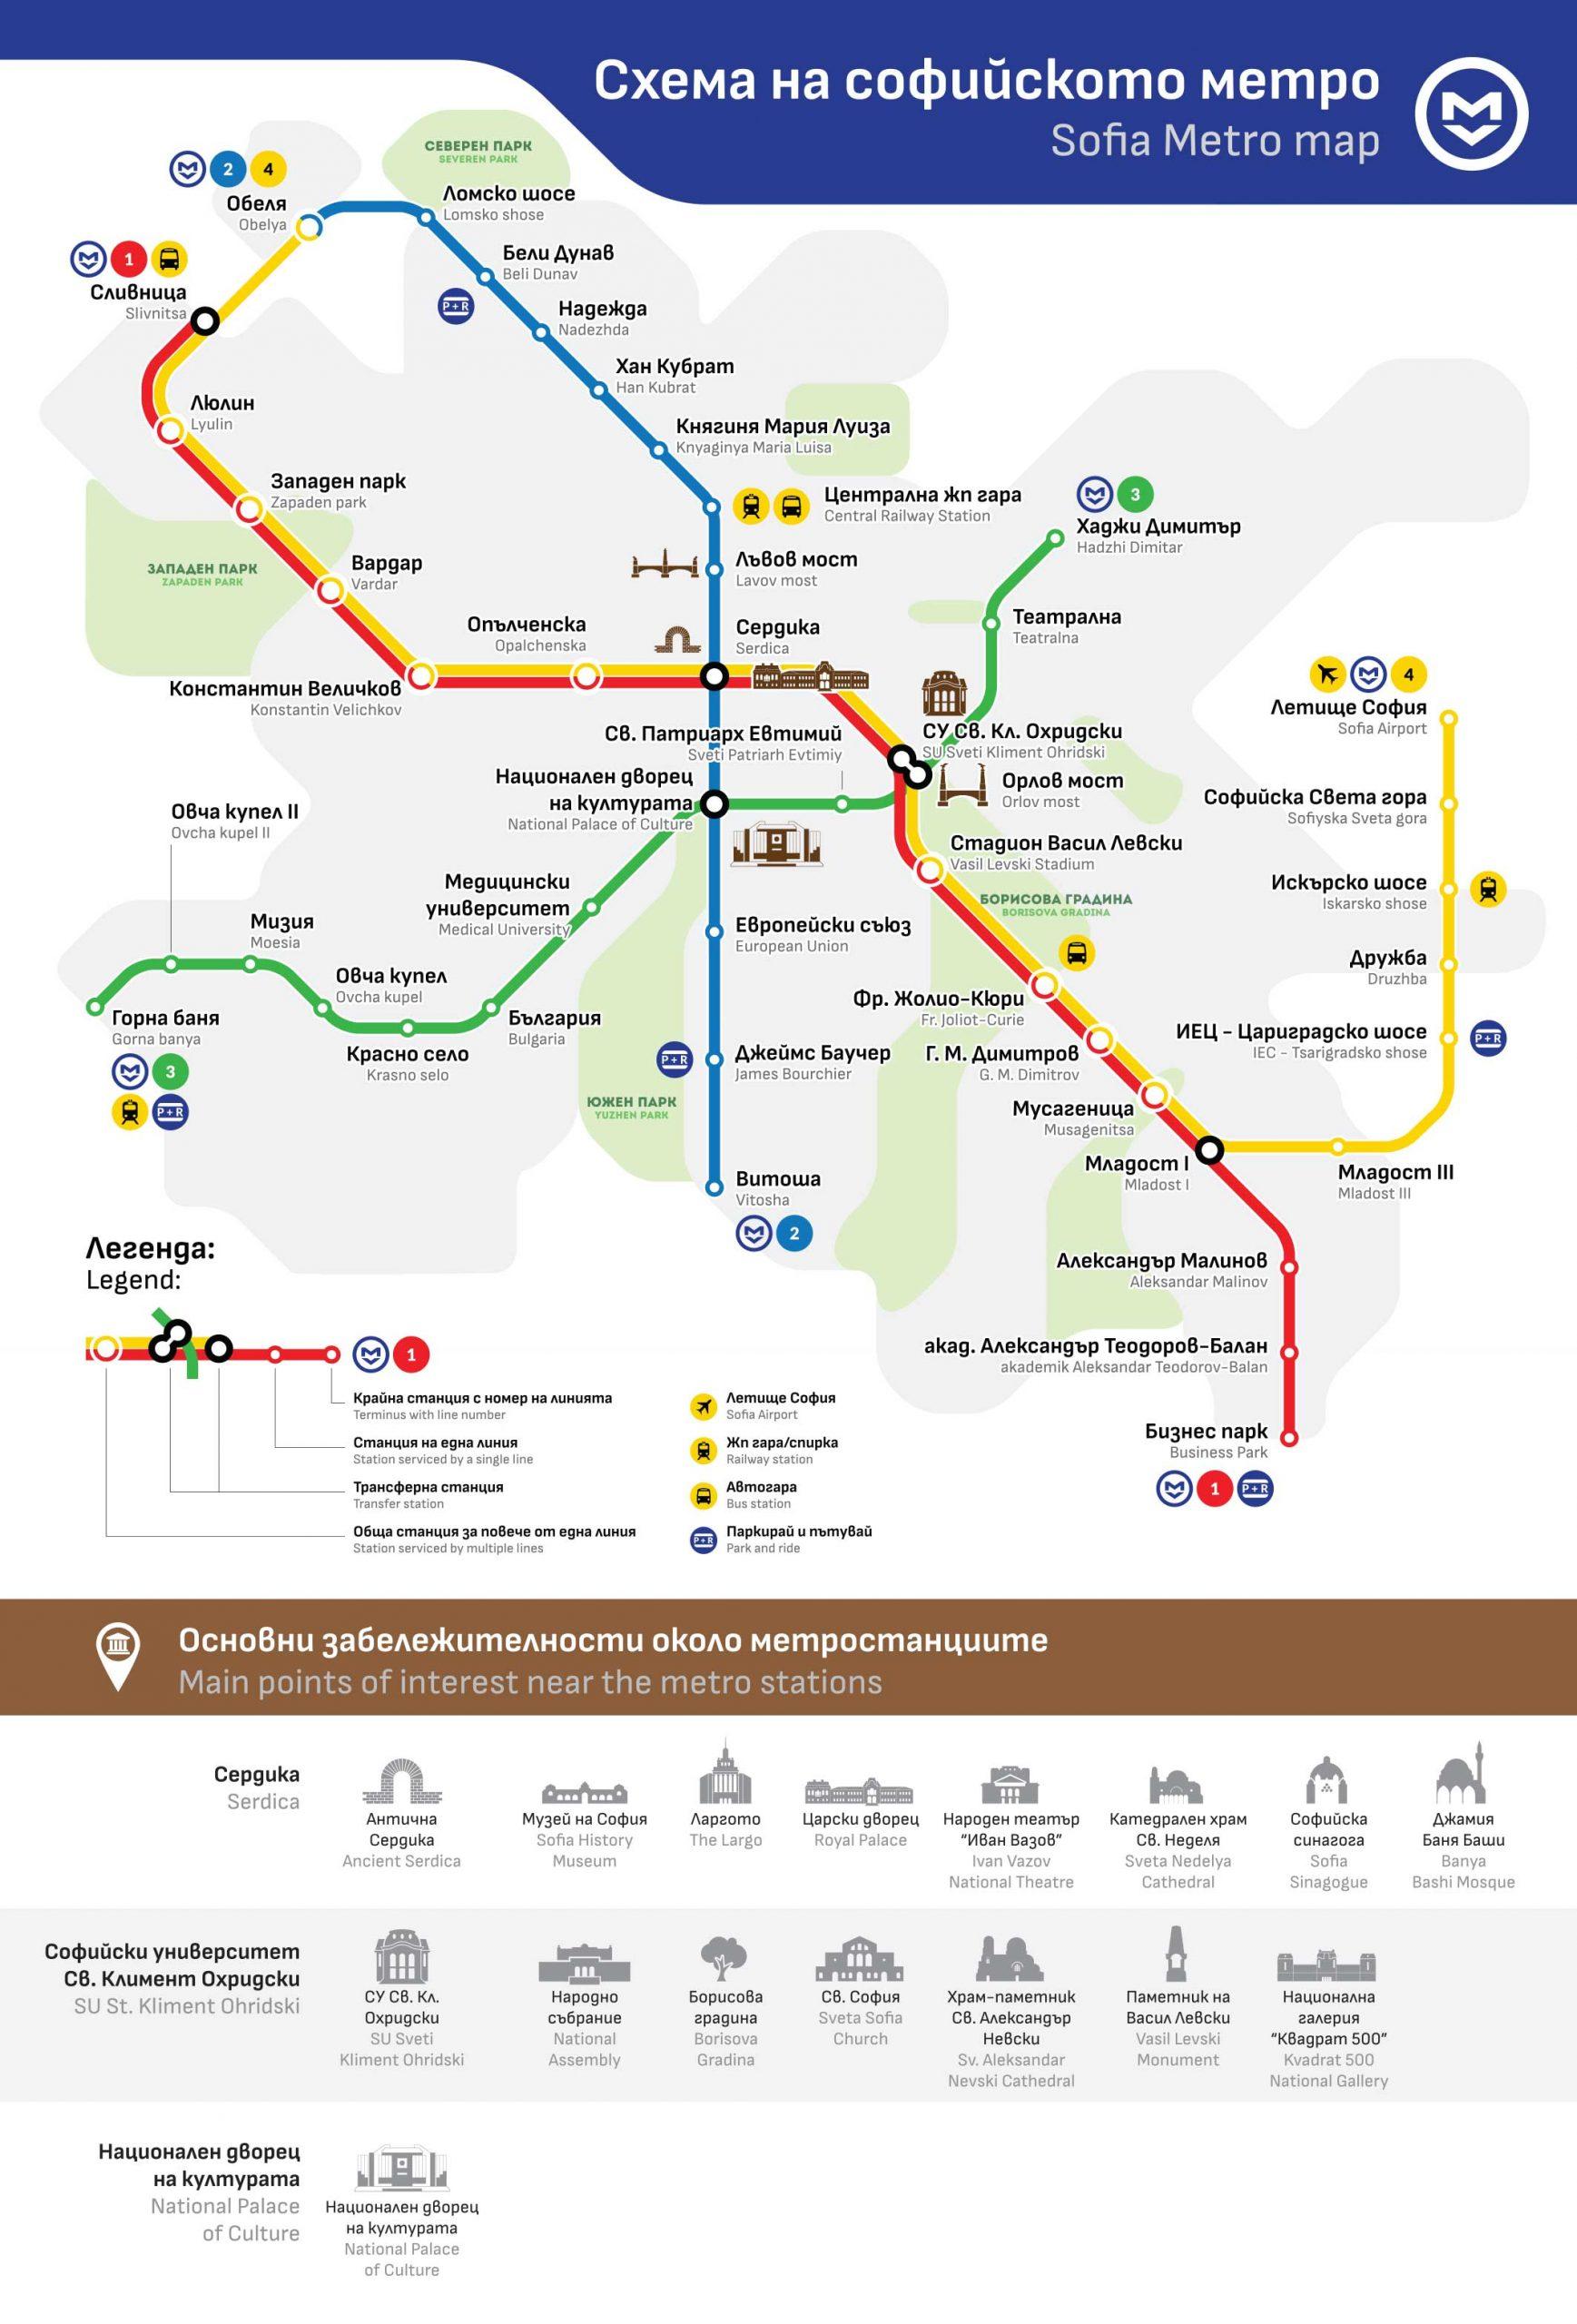 The Metro in Sofia